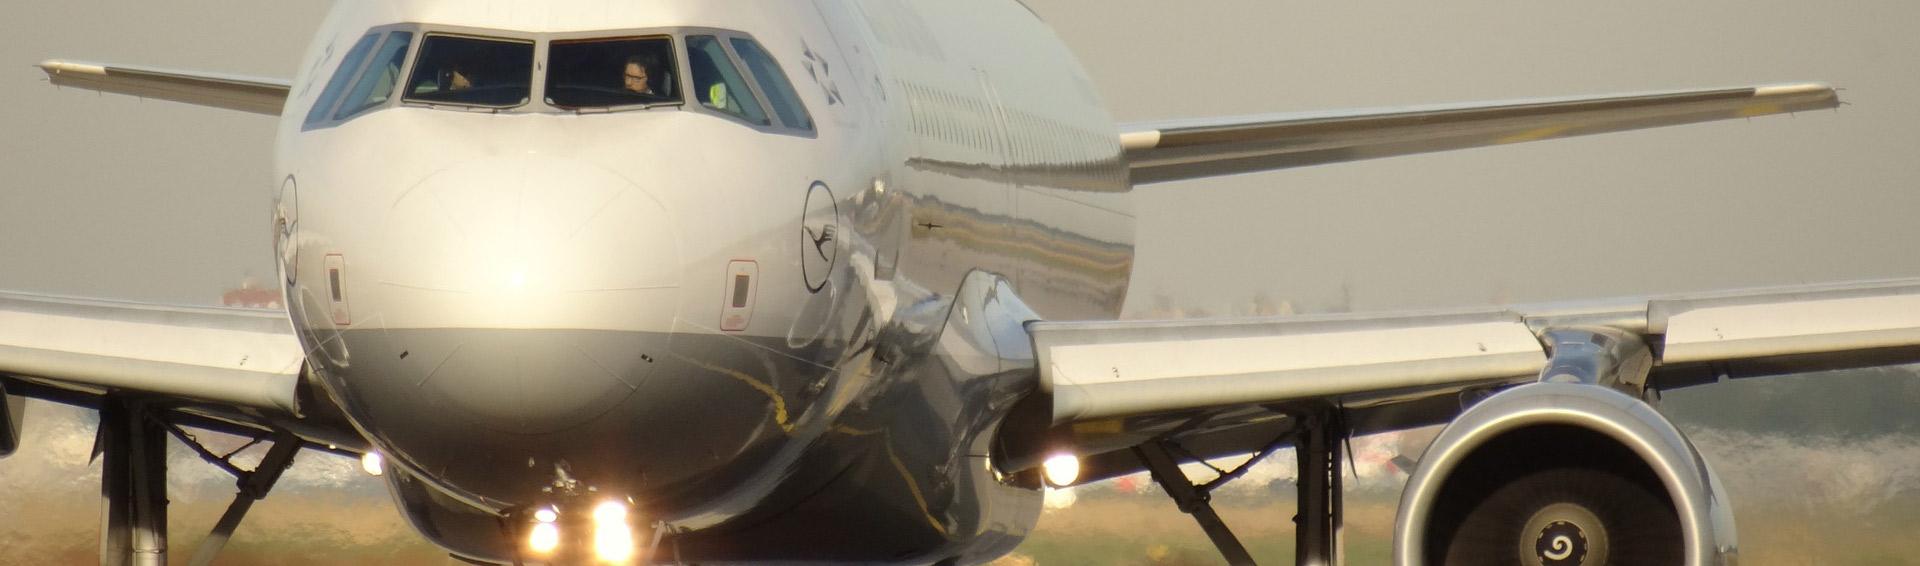 Verspätung Lufthansa